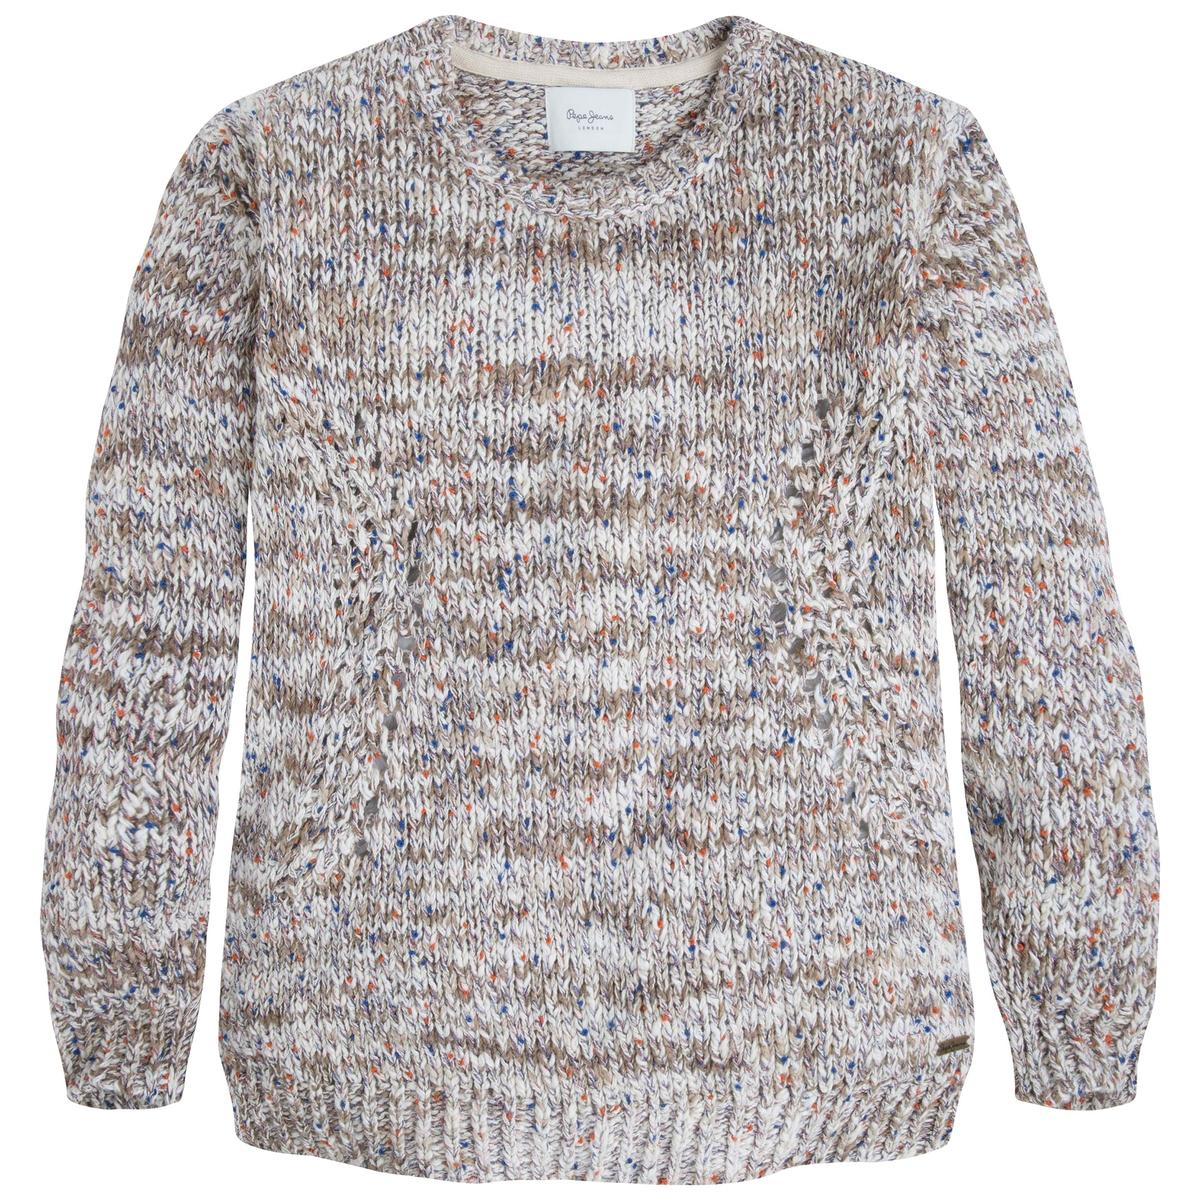 Пуловер с круглым воротником из меланжевого трикотажа LAIAСостав и описаниеМарка: PEPE JEANS.Модель: LAIA.Материал: 100% хлопок.<br><br>Цвет: бежевый/разноцветный<br>Размер: M